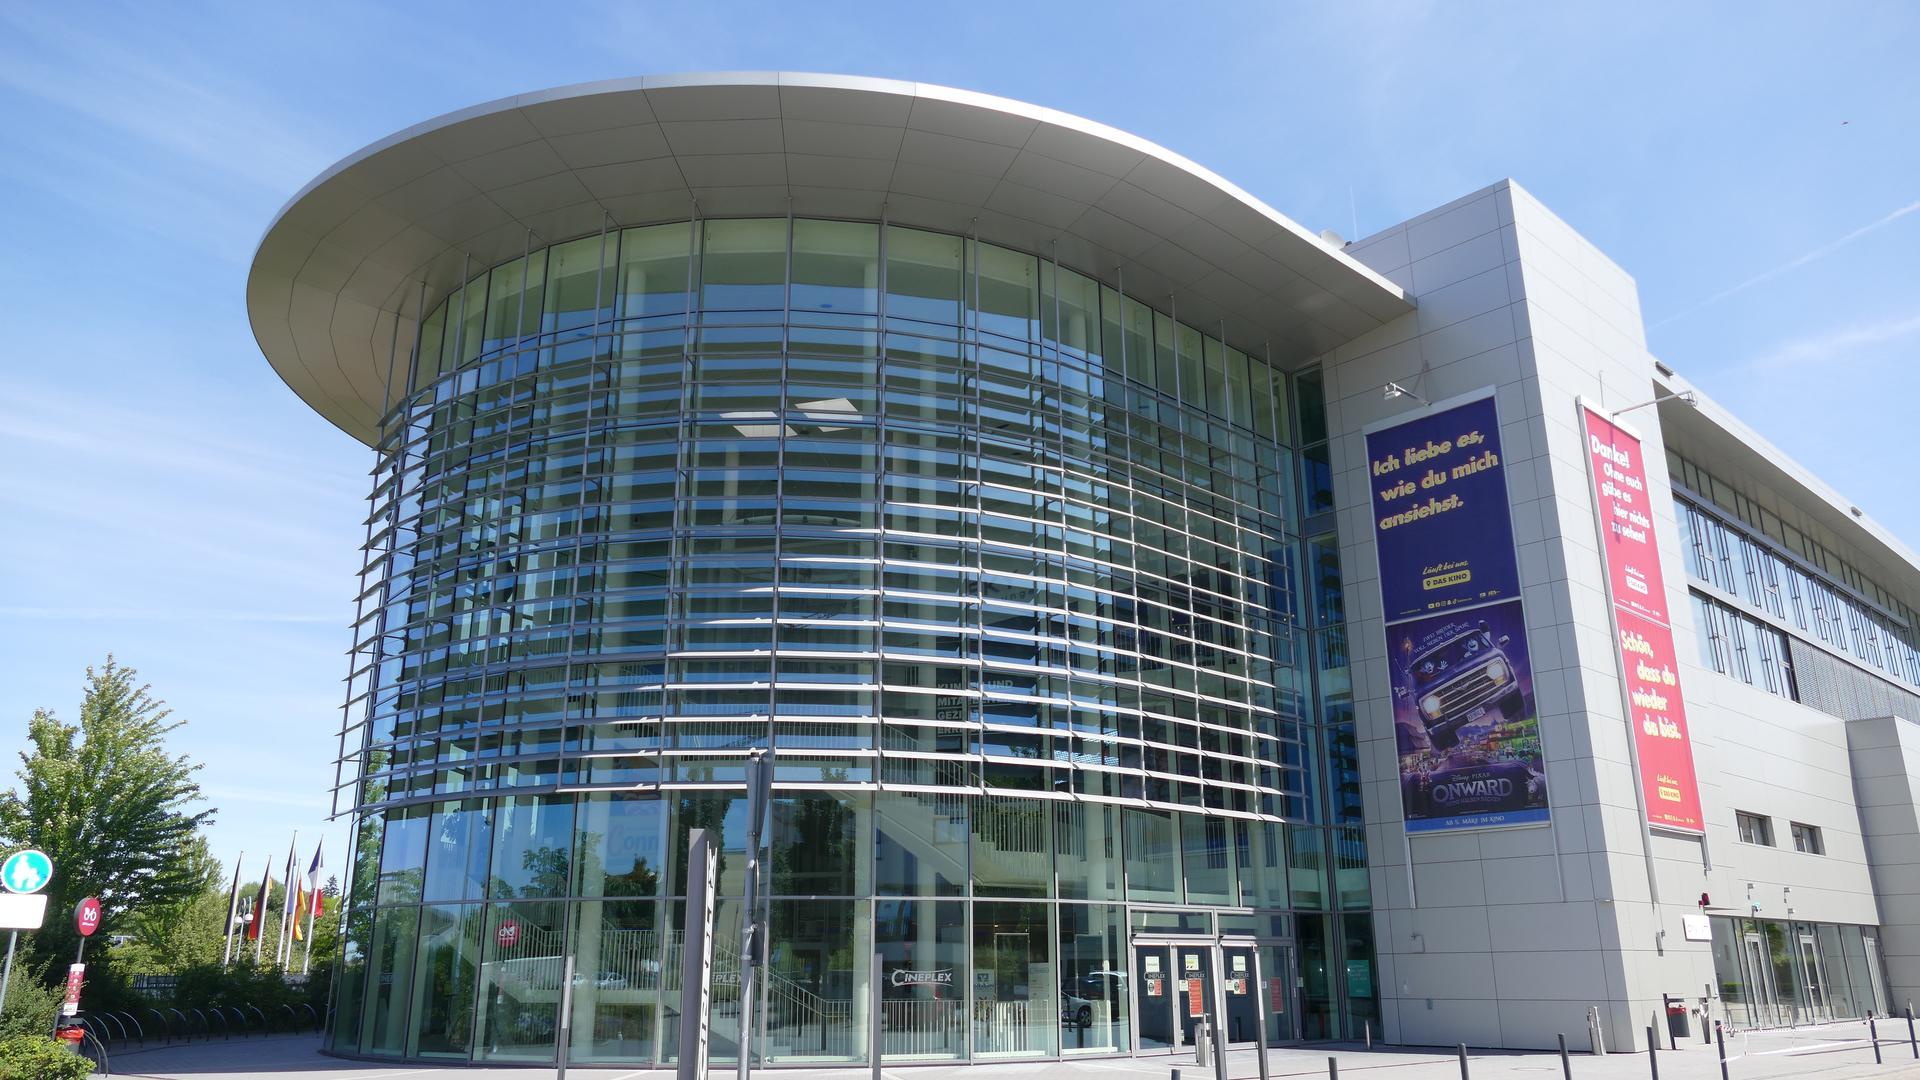 Abstand wird eingehalten: Das Cineplex Baden-Baden kann aufgrund der Corona-Bestimmungen im Extremfall nur 30 Besucher in einen Saal lassen. Fotos: